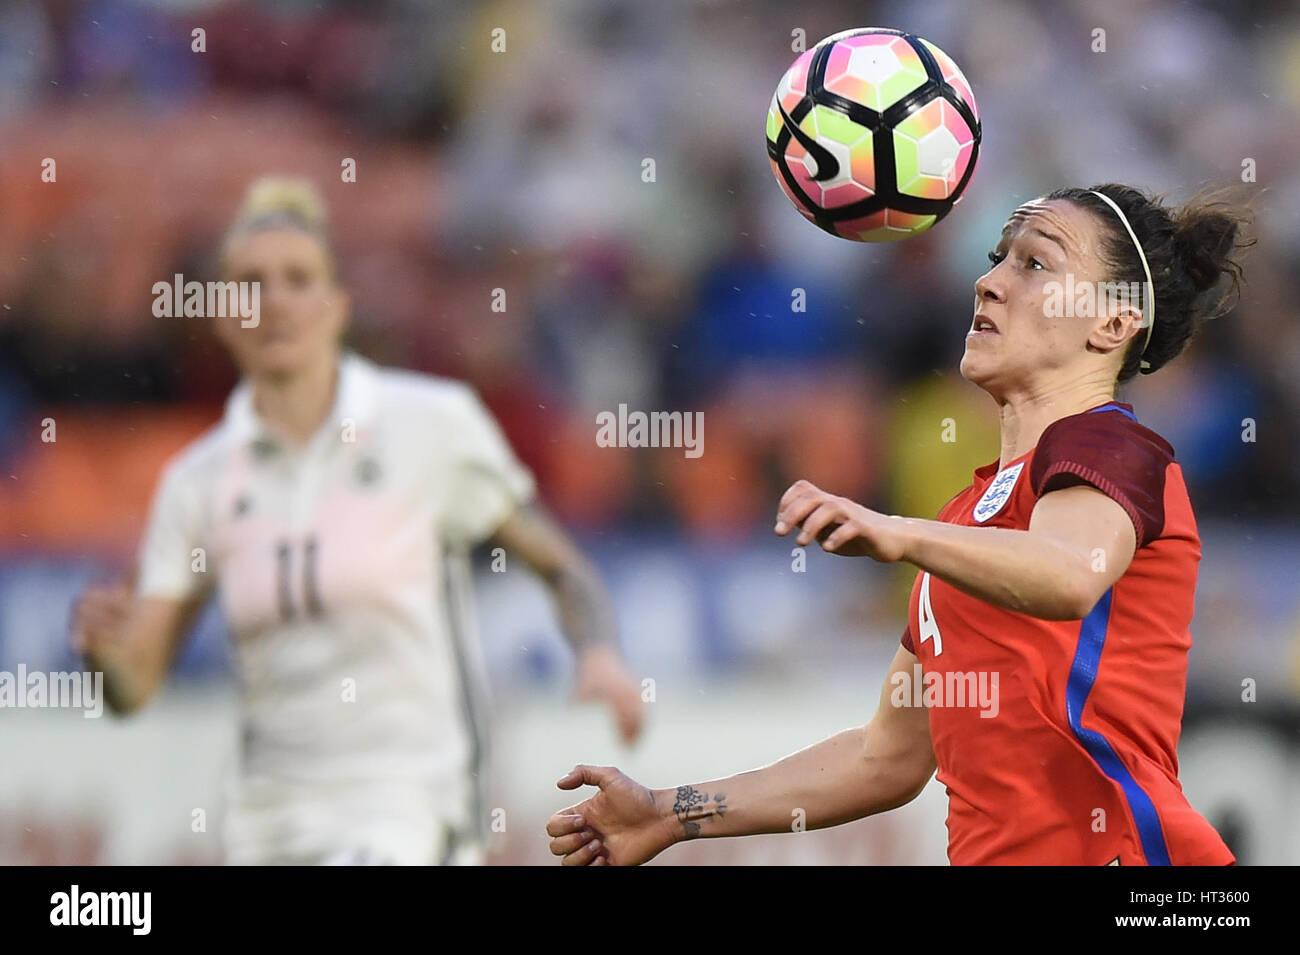 Washington DC, Estados Unidos. 07 Mar, 2017. Inglaterra's Lucy Bronce (4) mantiene sus ojos en la pelota durante Foto de stock